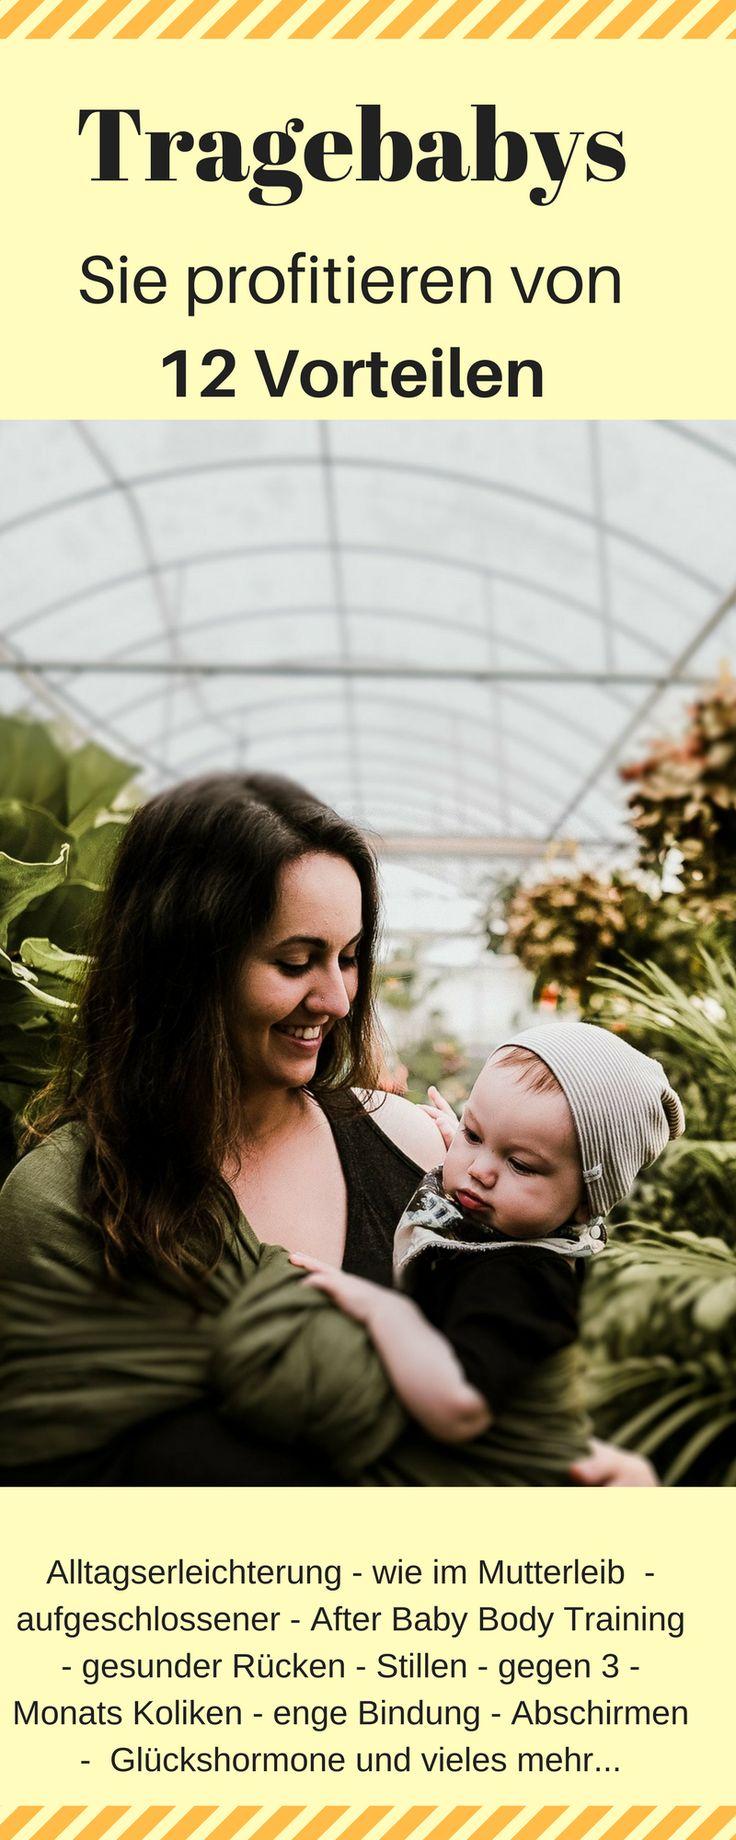 Darum ist es für dein Baby vorteilhaft, wenn du es trägst. Baby tragen im Tuch, Baby Trageanleitung, Baby Manduca, Tragetuch Baby Anleitung, Tipps gegen 3-Monats Koliken, besserer Schlaf für Babys, Baby Einschlafhilfe